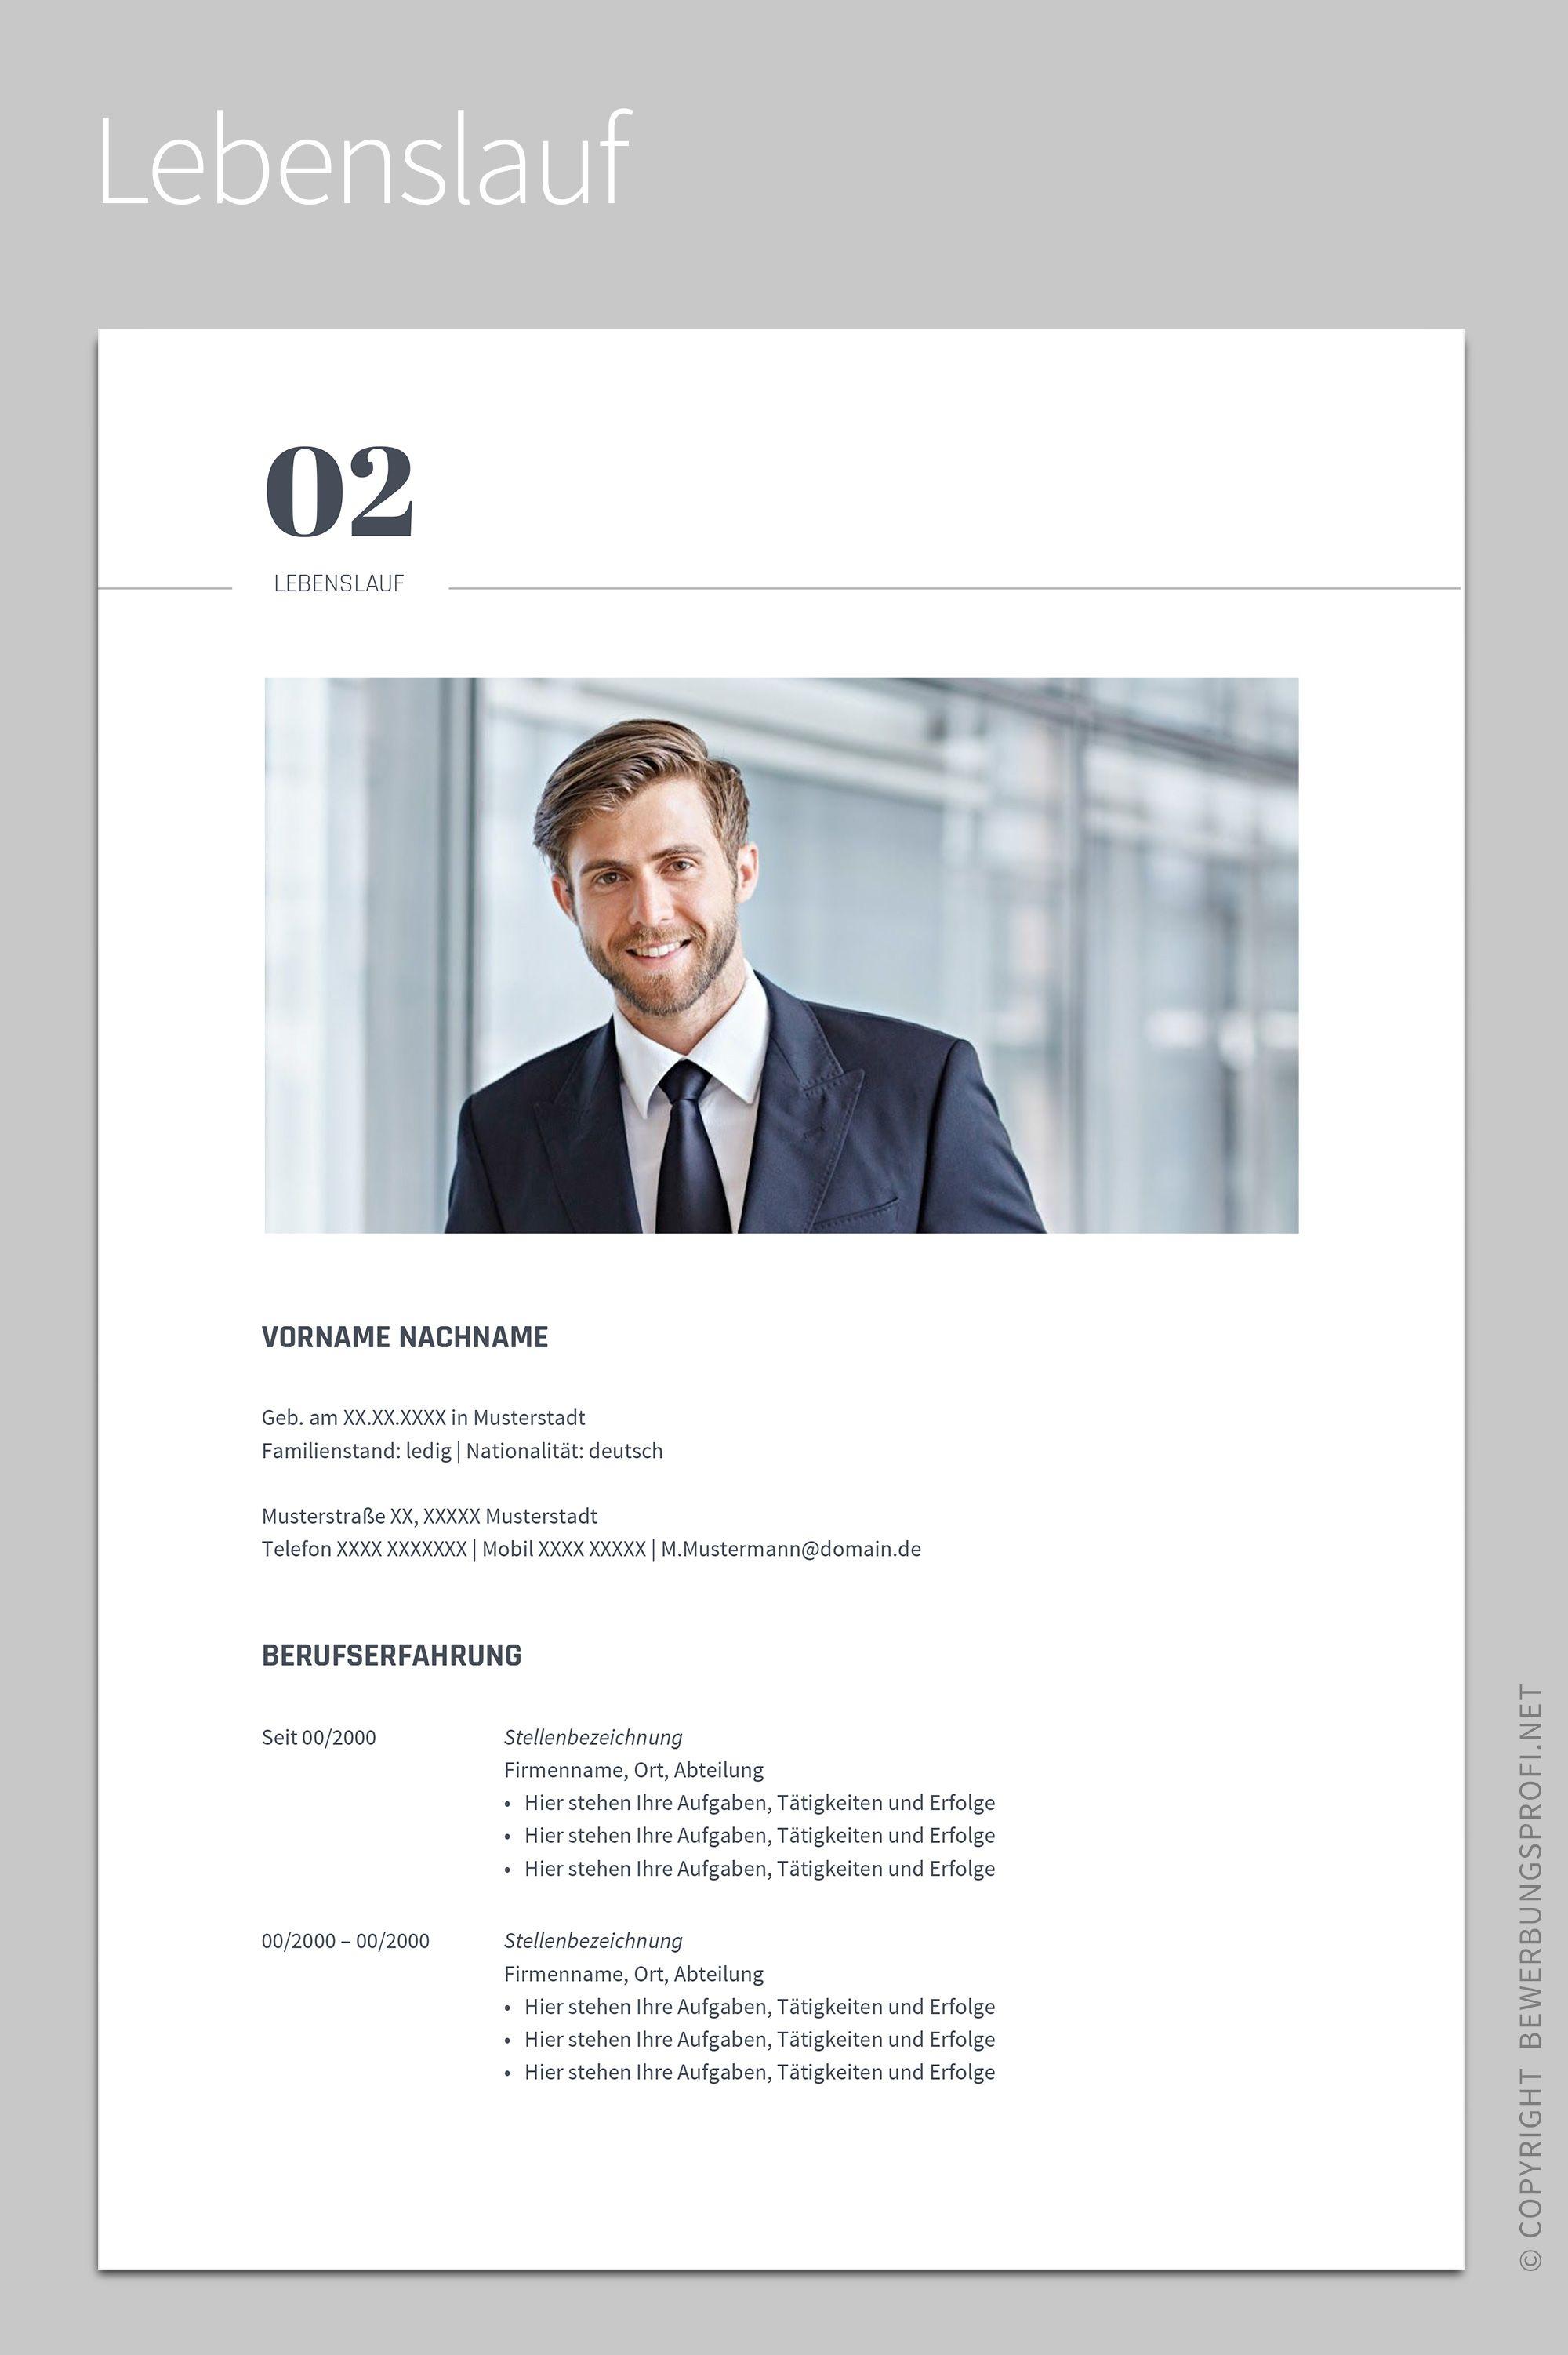 Lebenslauf Novus Design Vorlage Schlicht Lebenslauf Design